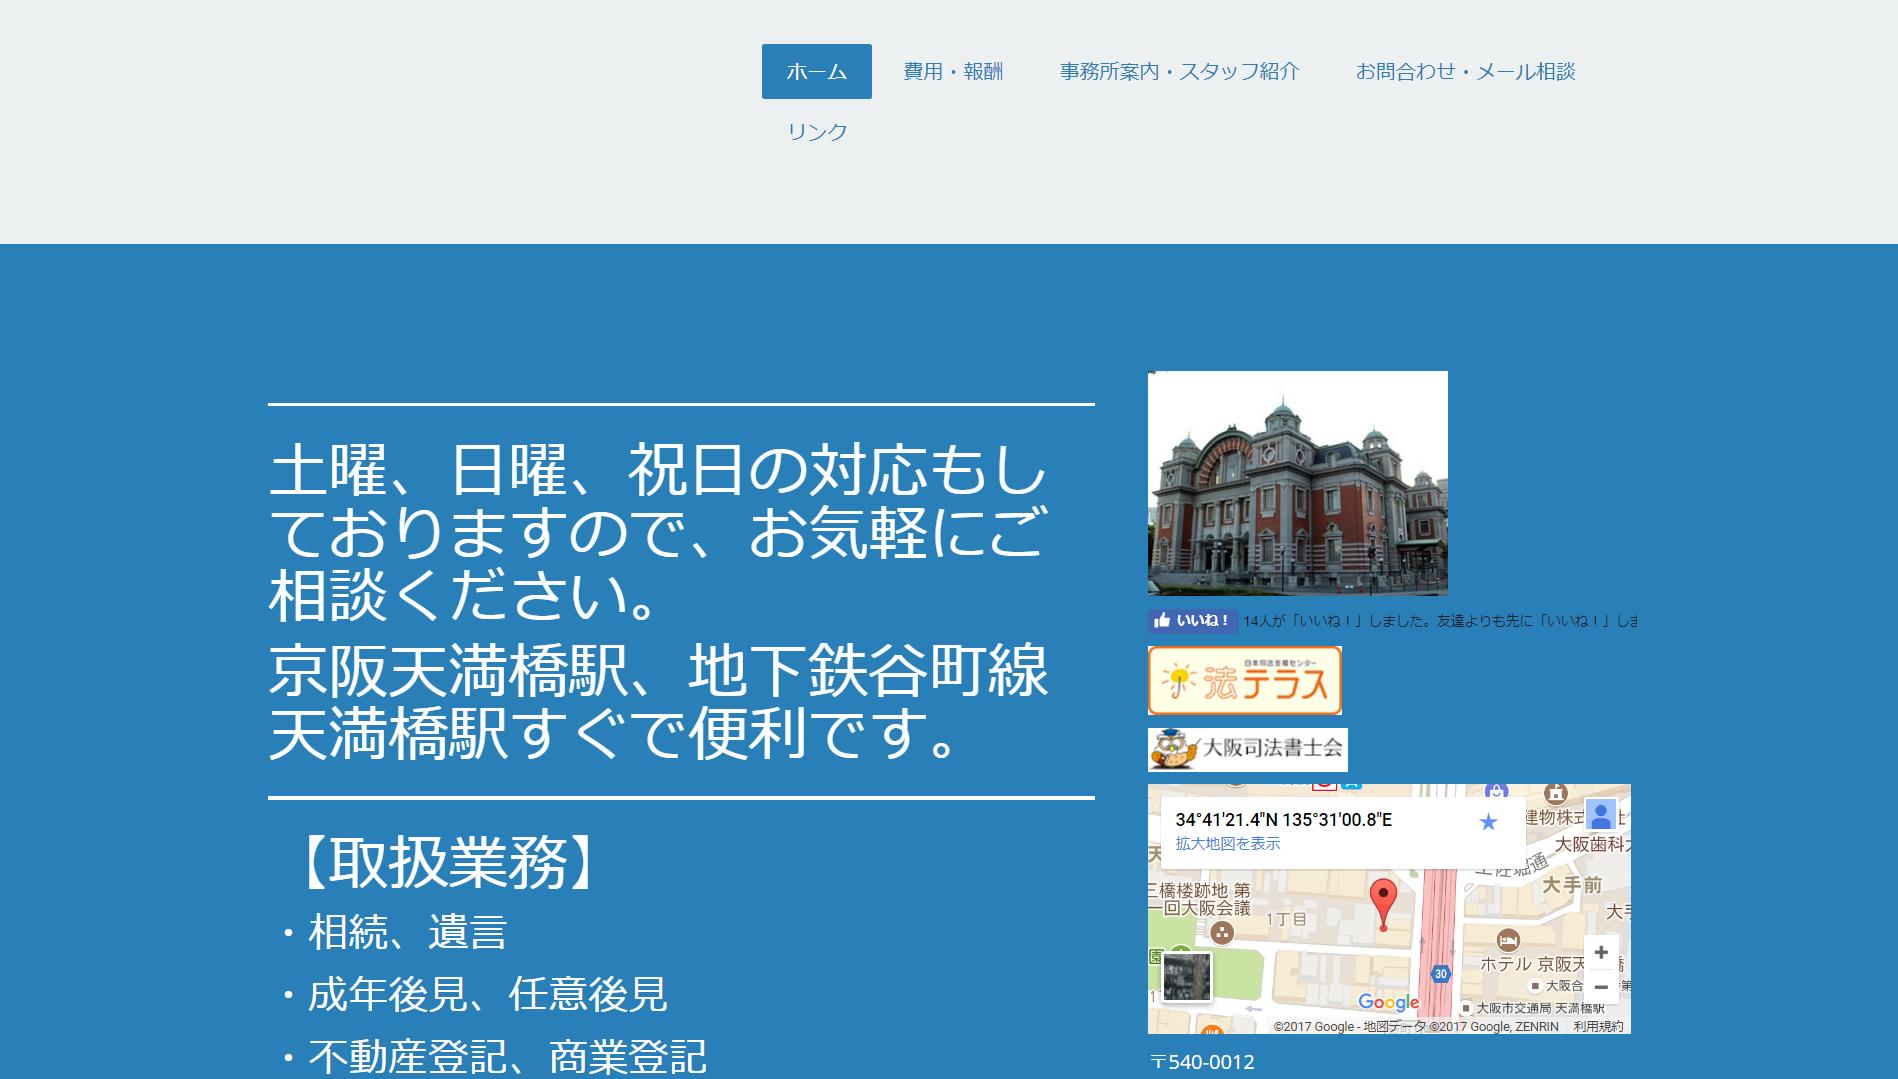 寺田司法書士事務所(大阪府大阪市中央区)